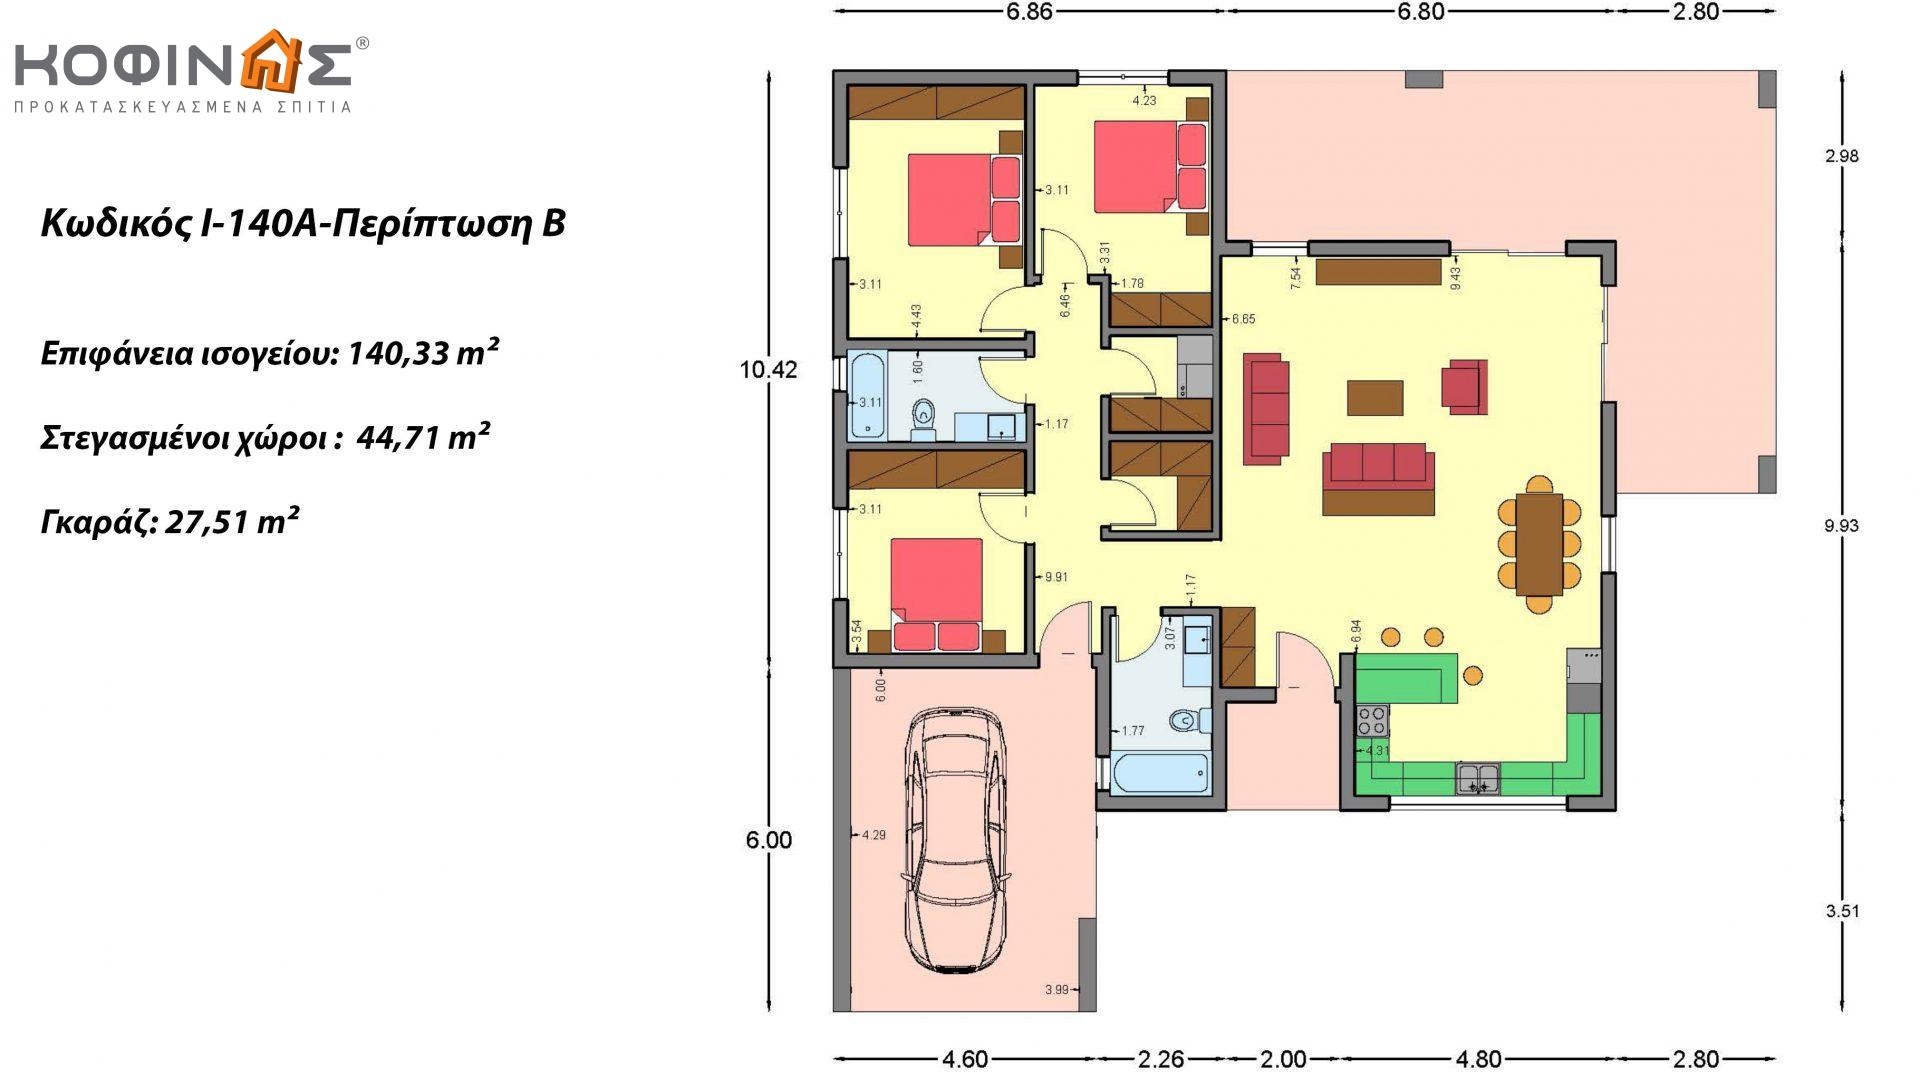 Ισόγεια Κατοικία I-140Α, συνολικής επιφάνειας 140,33 τ.μ., στεγασμένοι χώροι 45,30 τ.μ. και 44,71 τ.μ. για περίπτωση Β